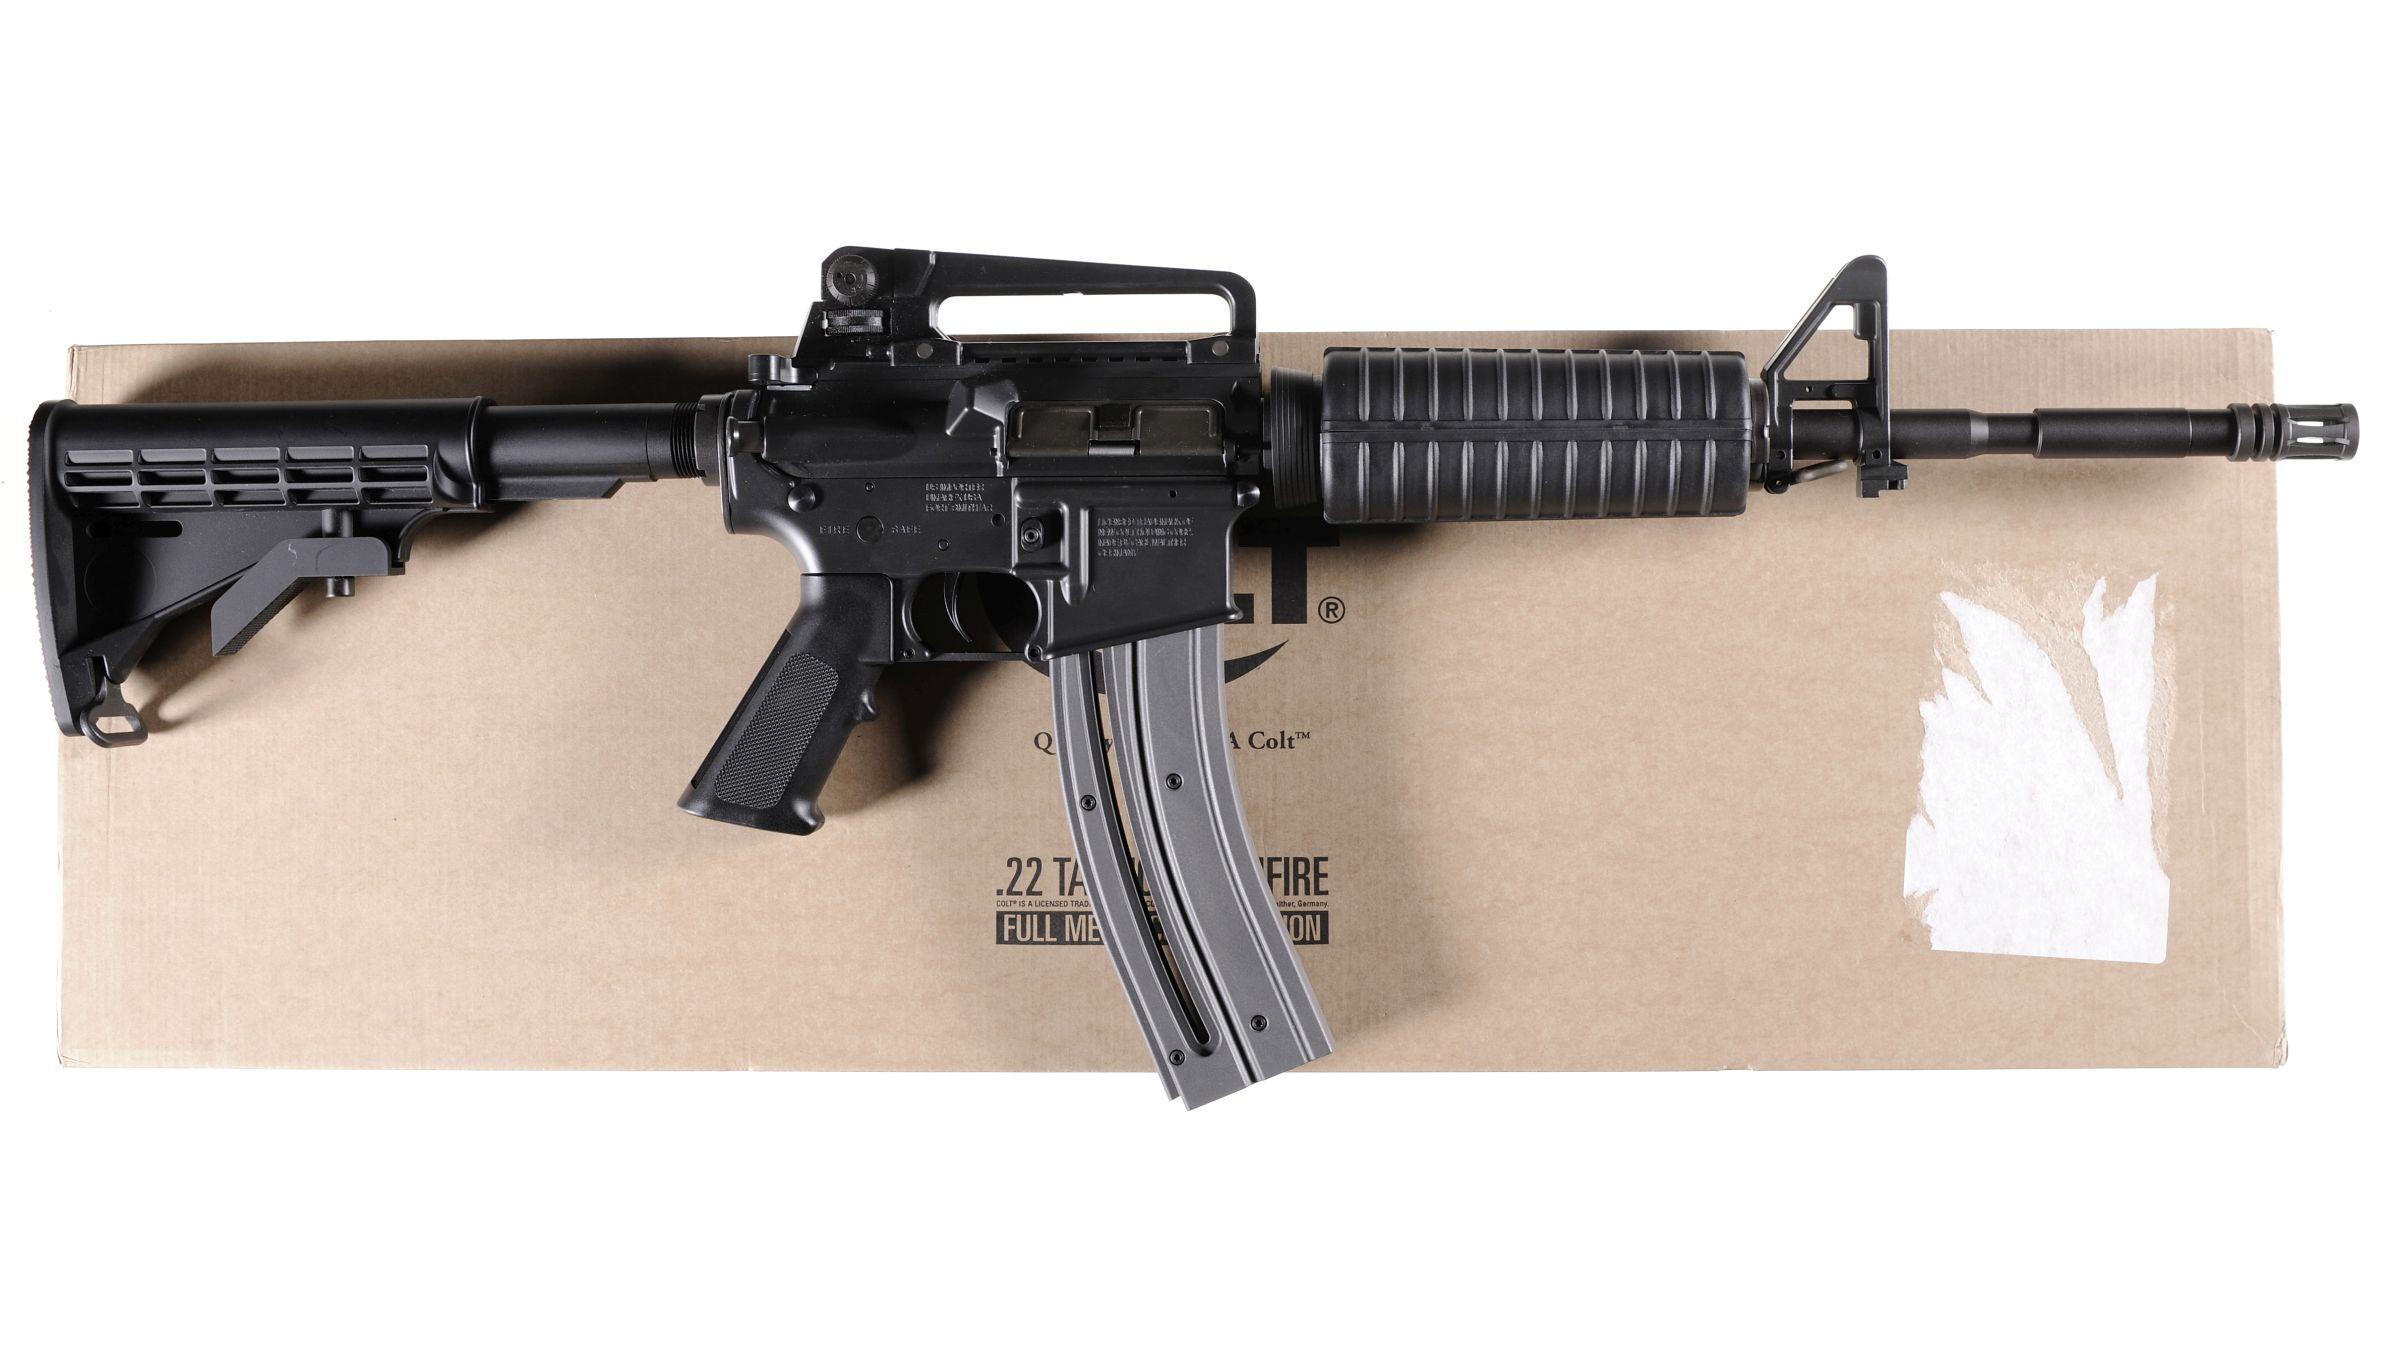 Colt M4 Carbine 22 LR